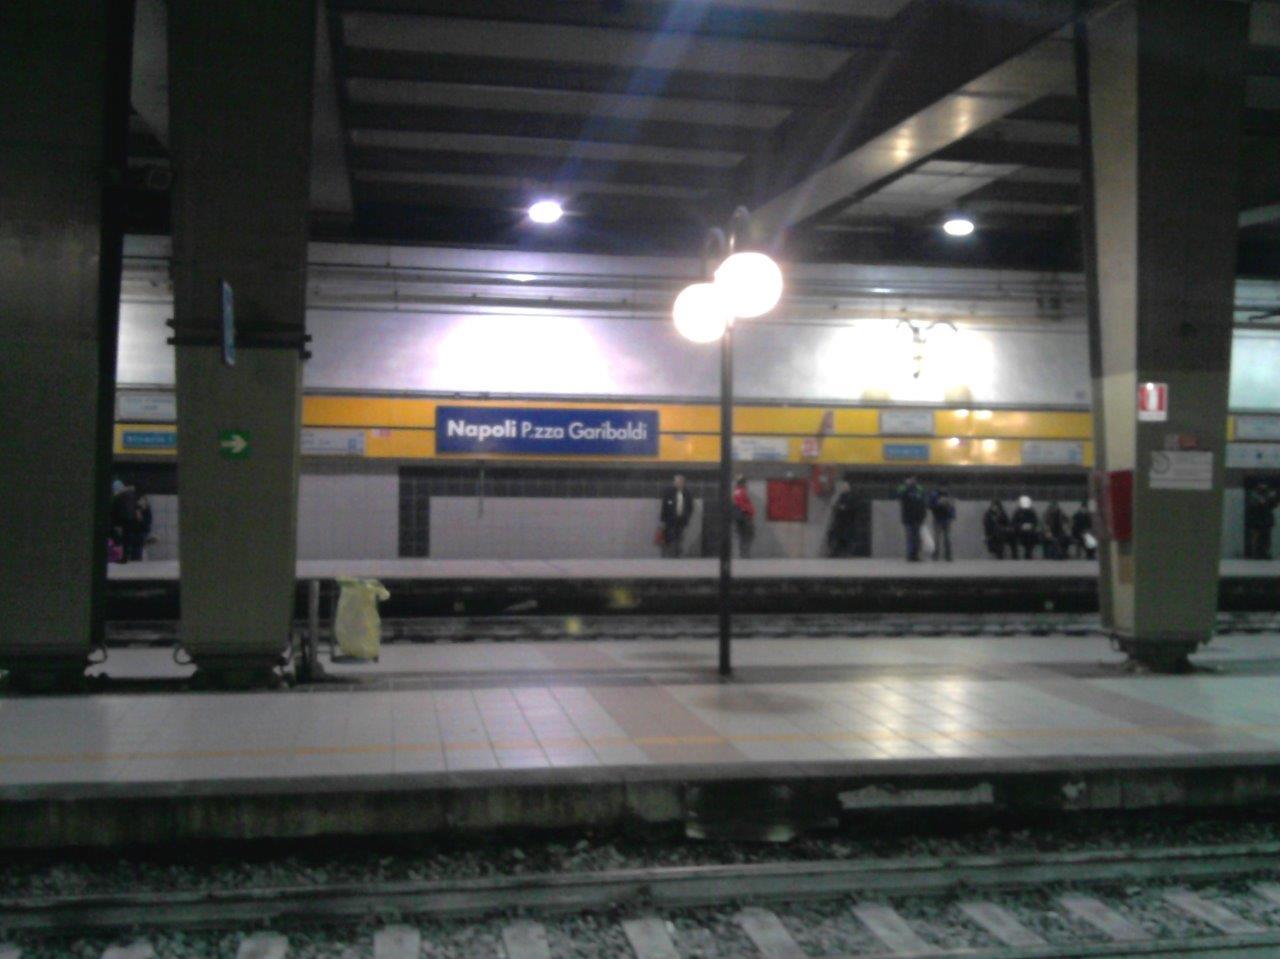 stazione-napoli-piazza-garibaldi-railway-station